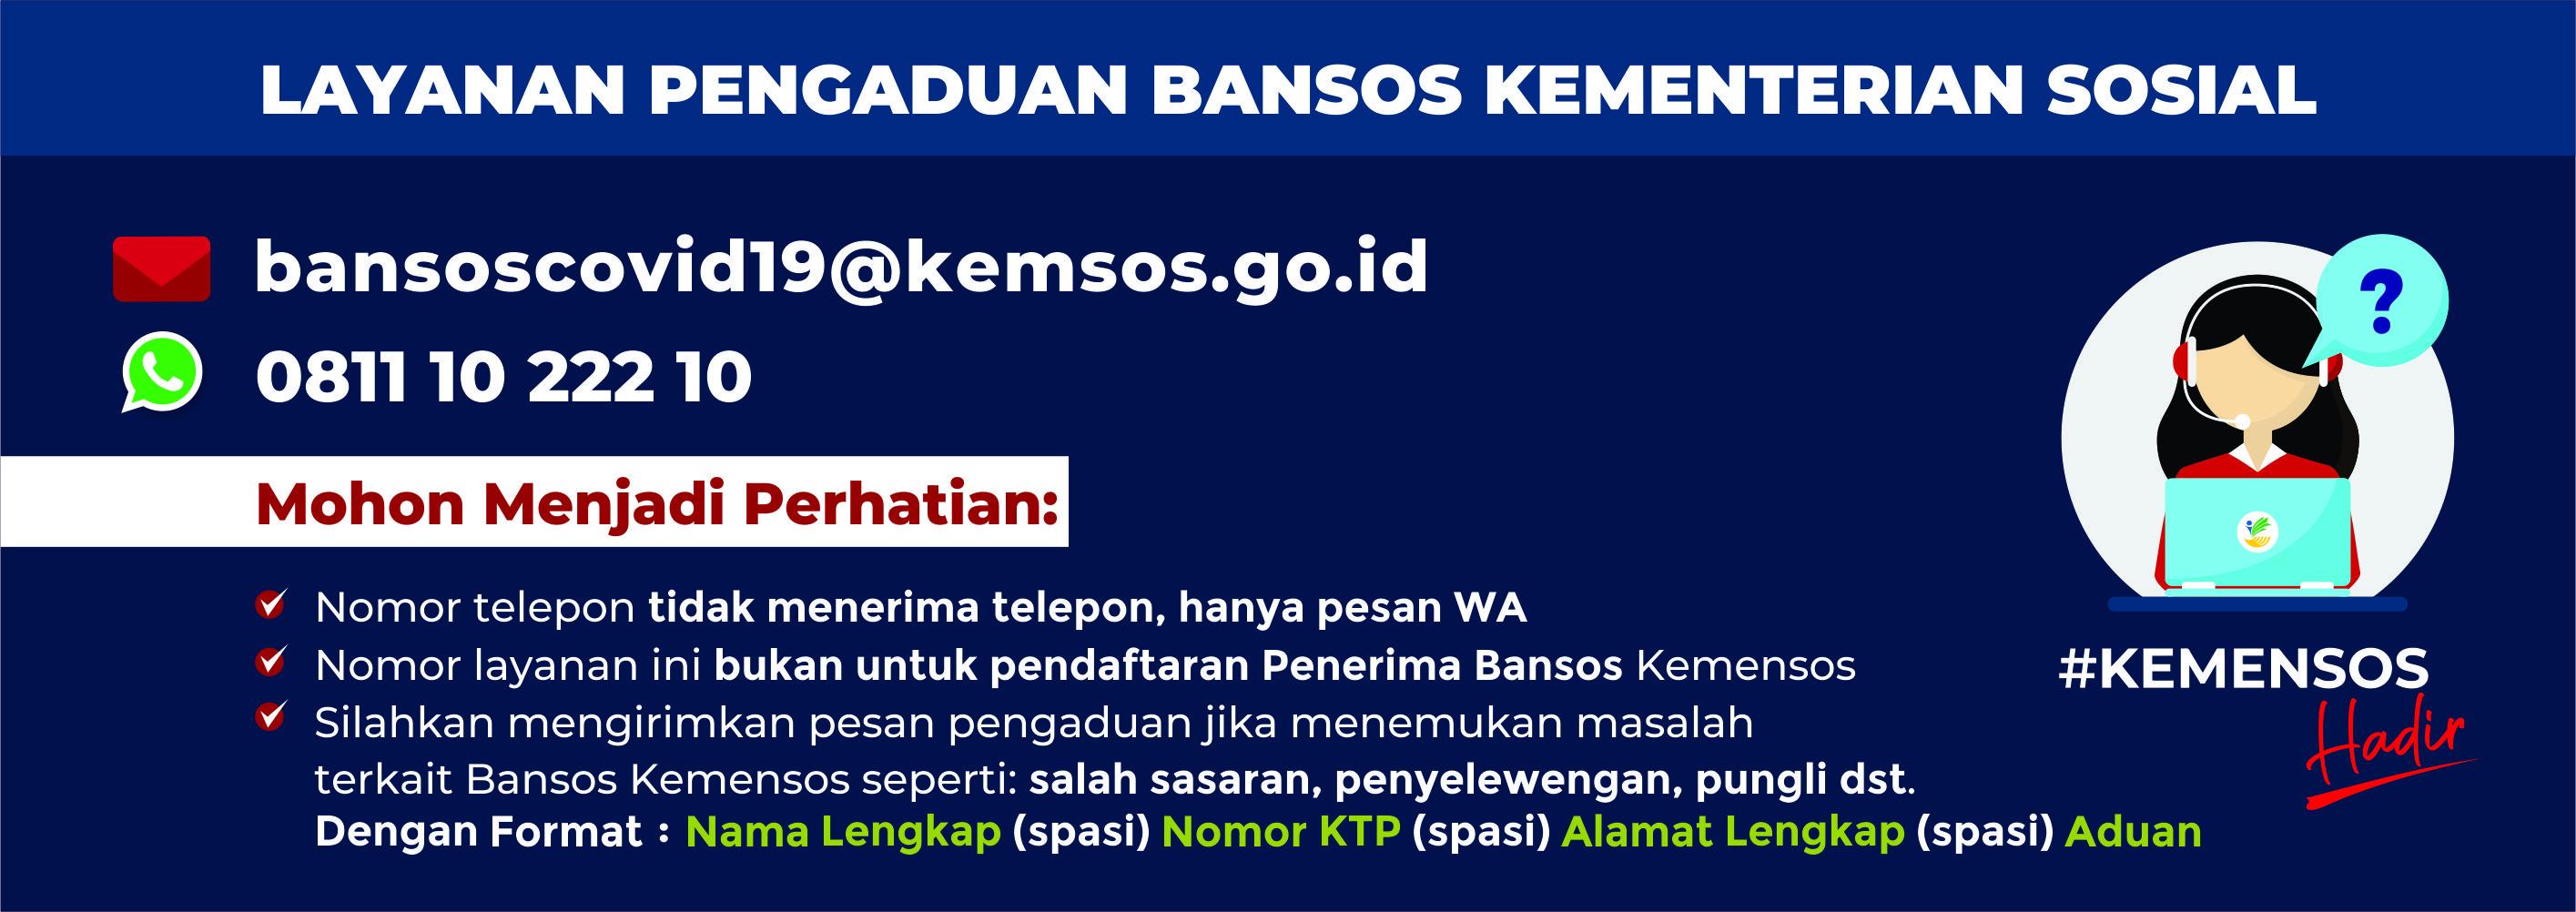 Contact Center Pengaduan Bansos Covid19